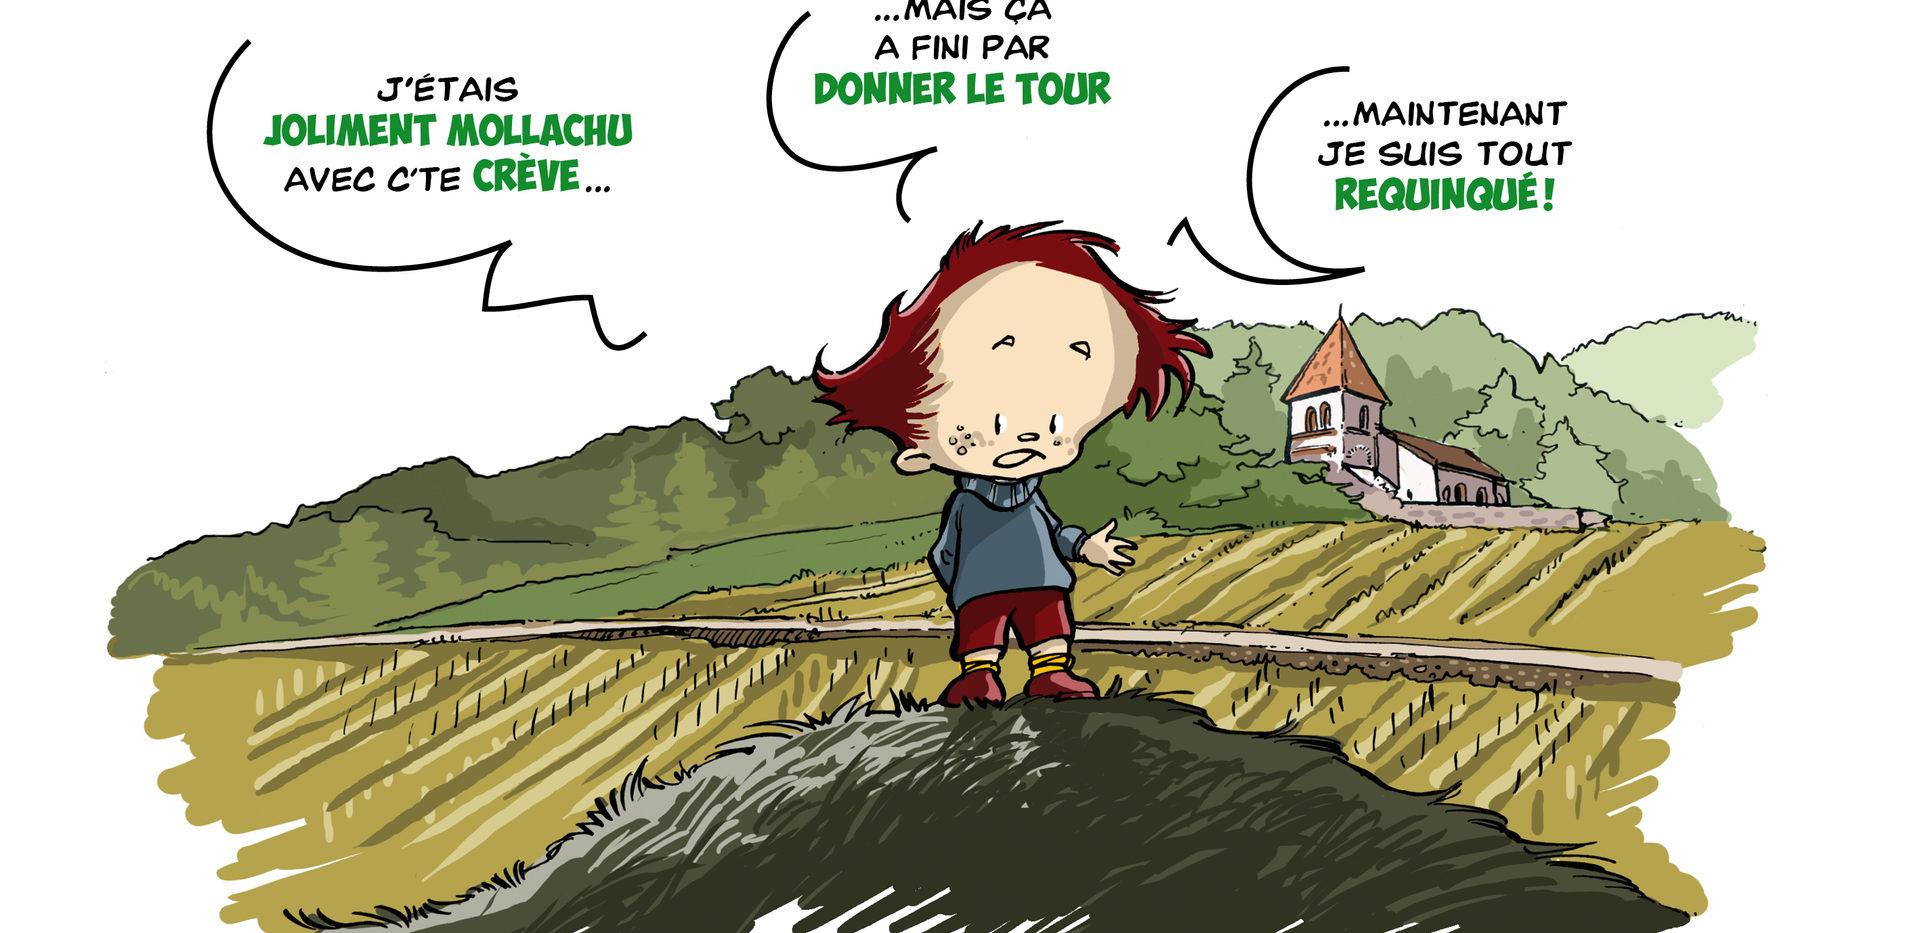 Vaudoiseries-image5.jpg